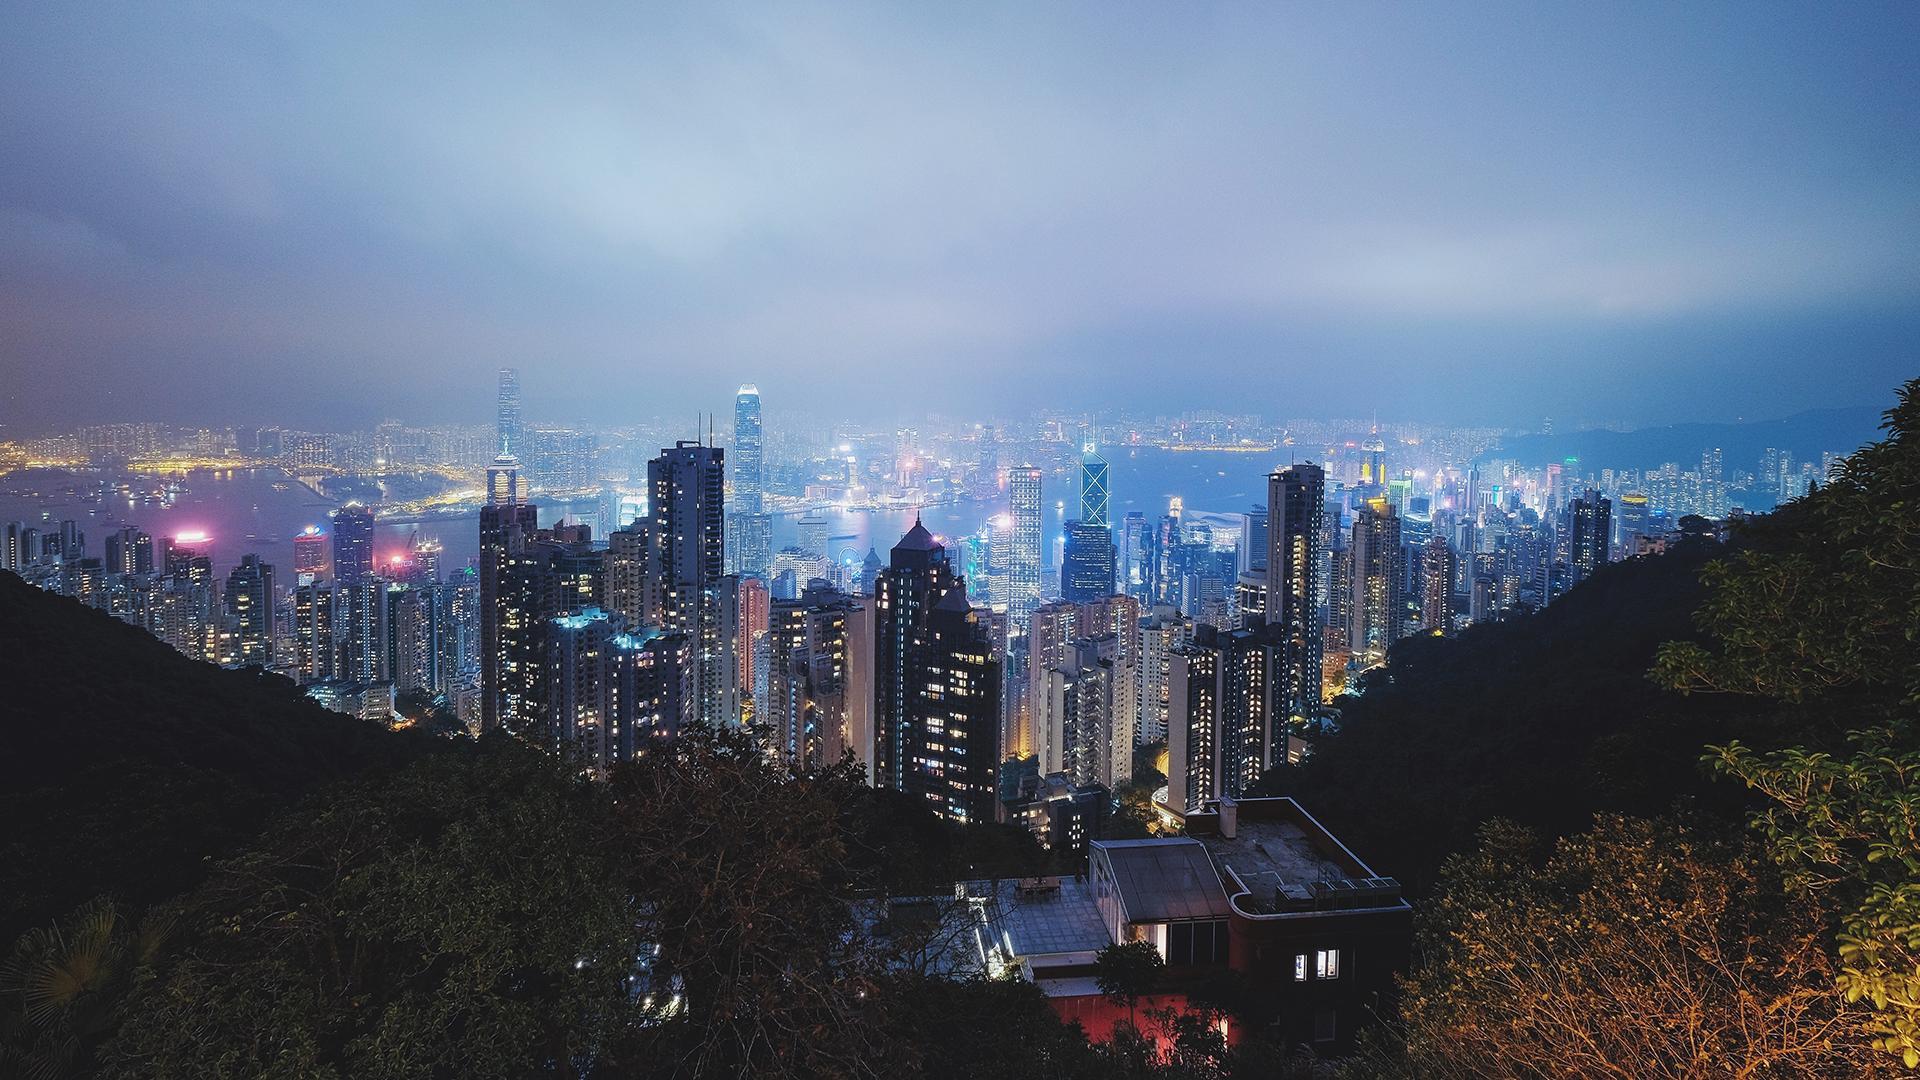 香港城市风景摄影高清宽屏桌面壁纸